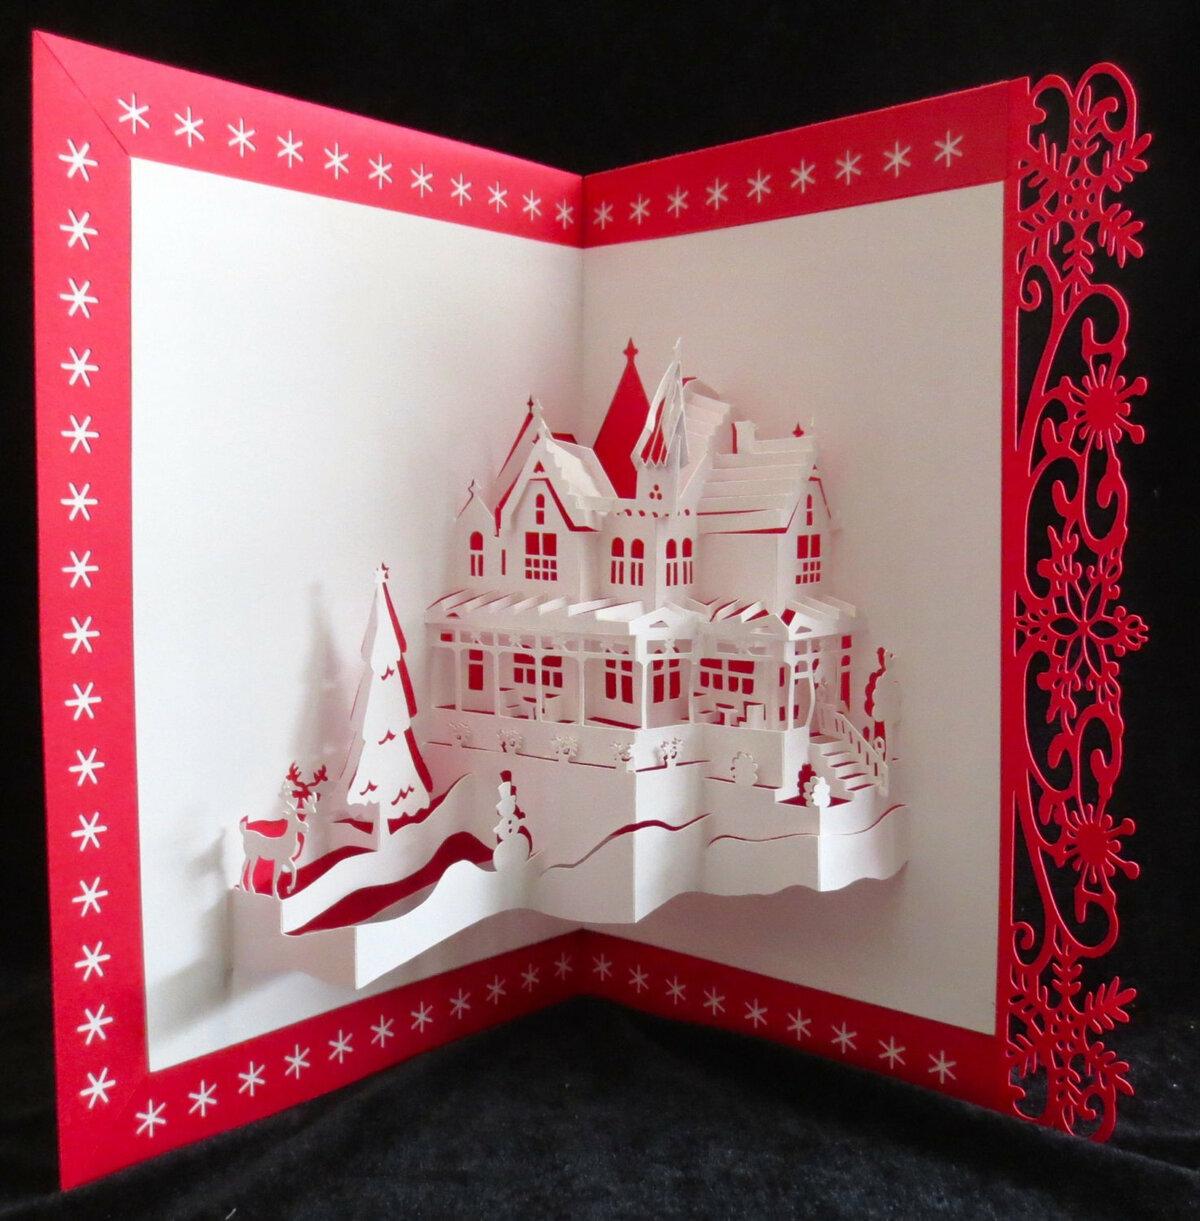 трехмерные открытки для рождественских открыток